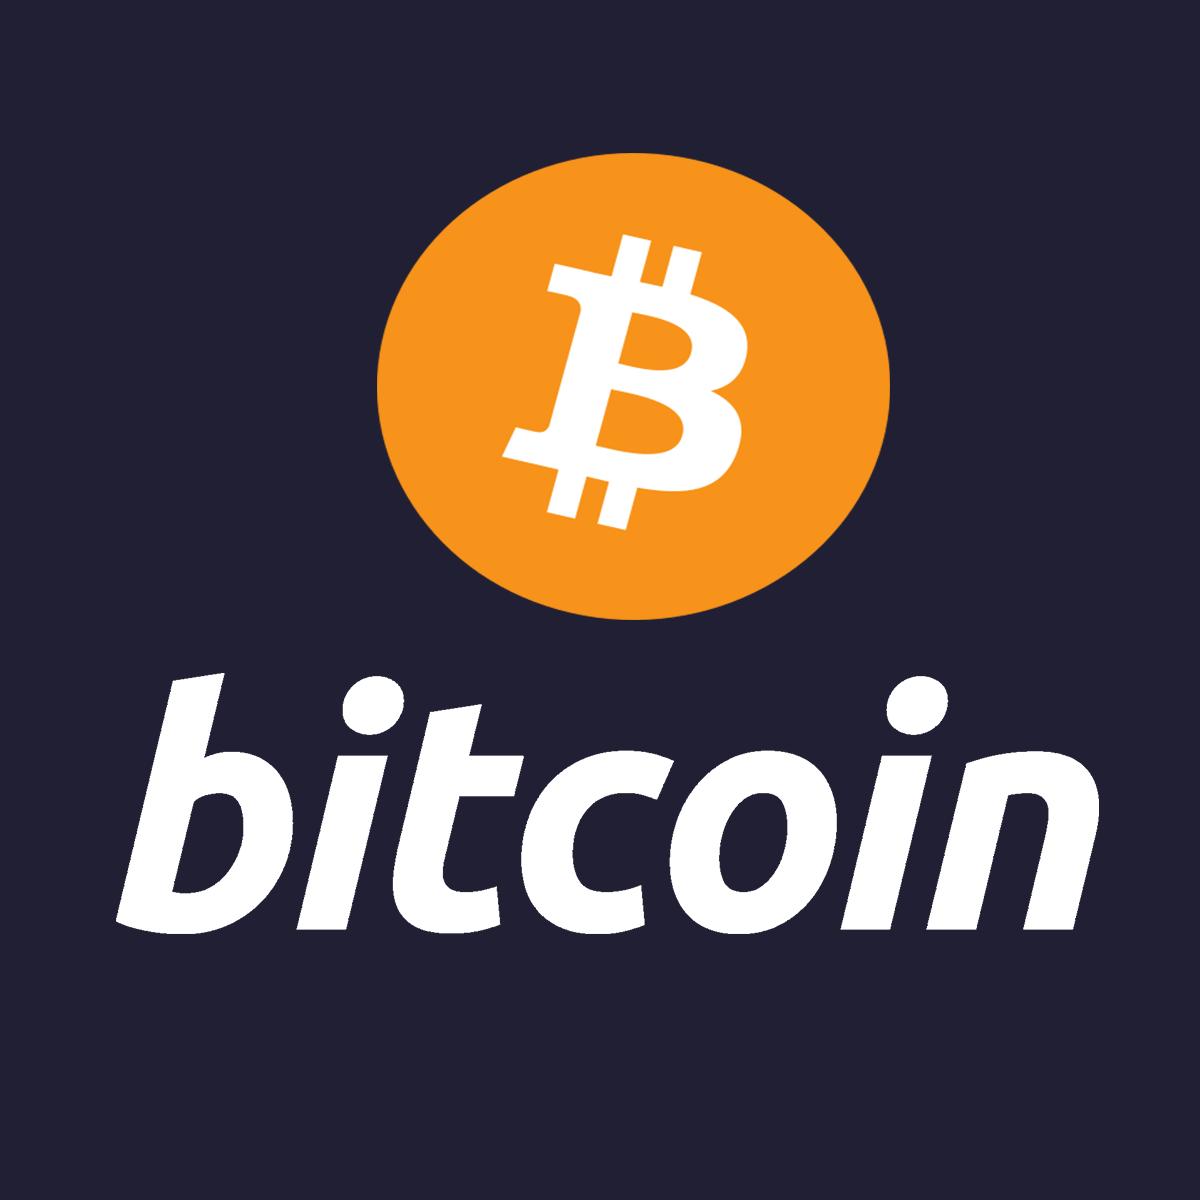 visų kriptocurrencinių mainų sąrašas